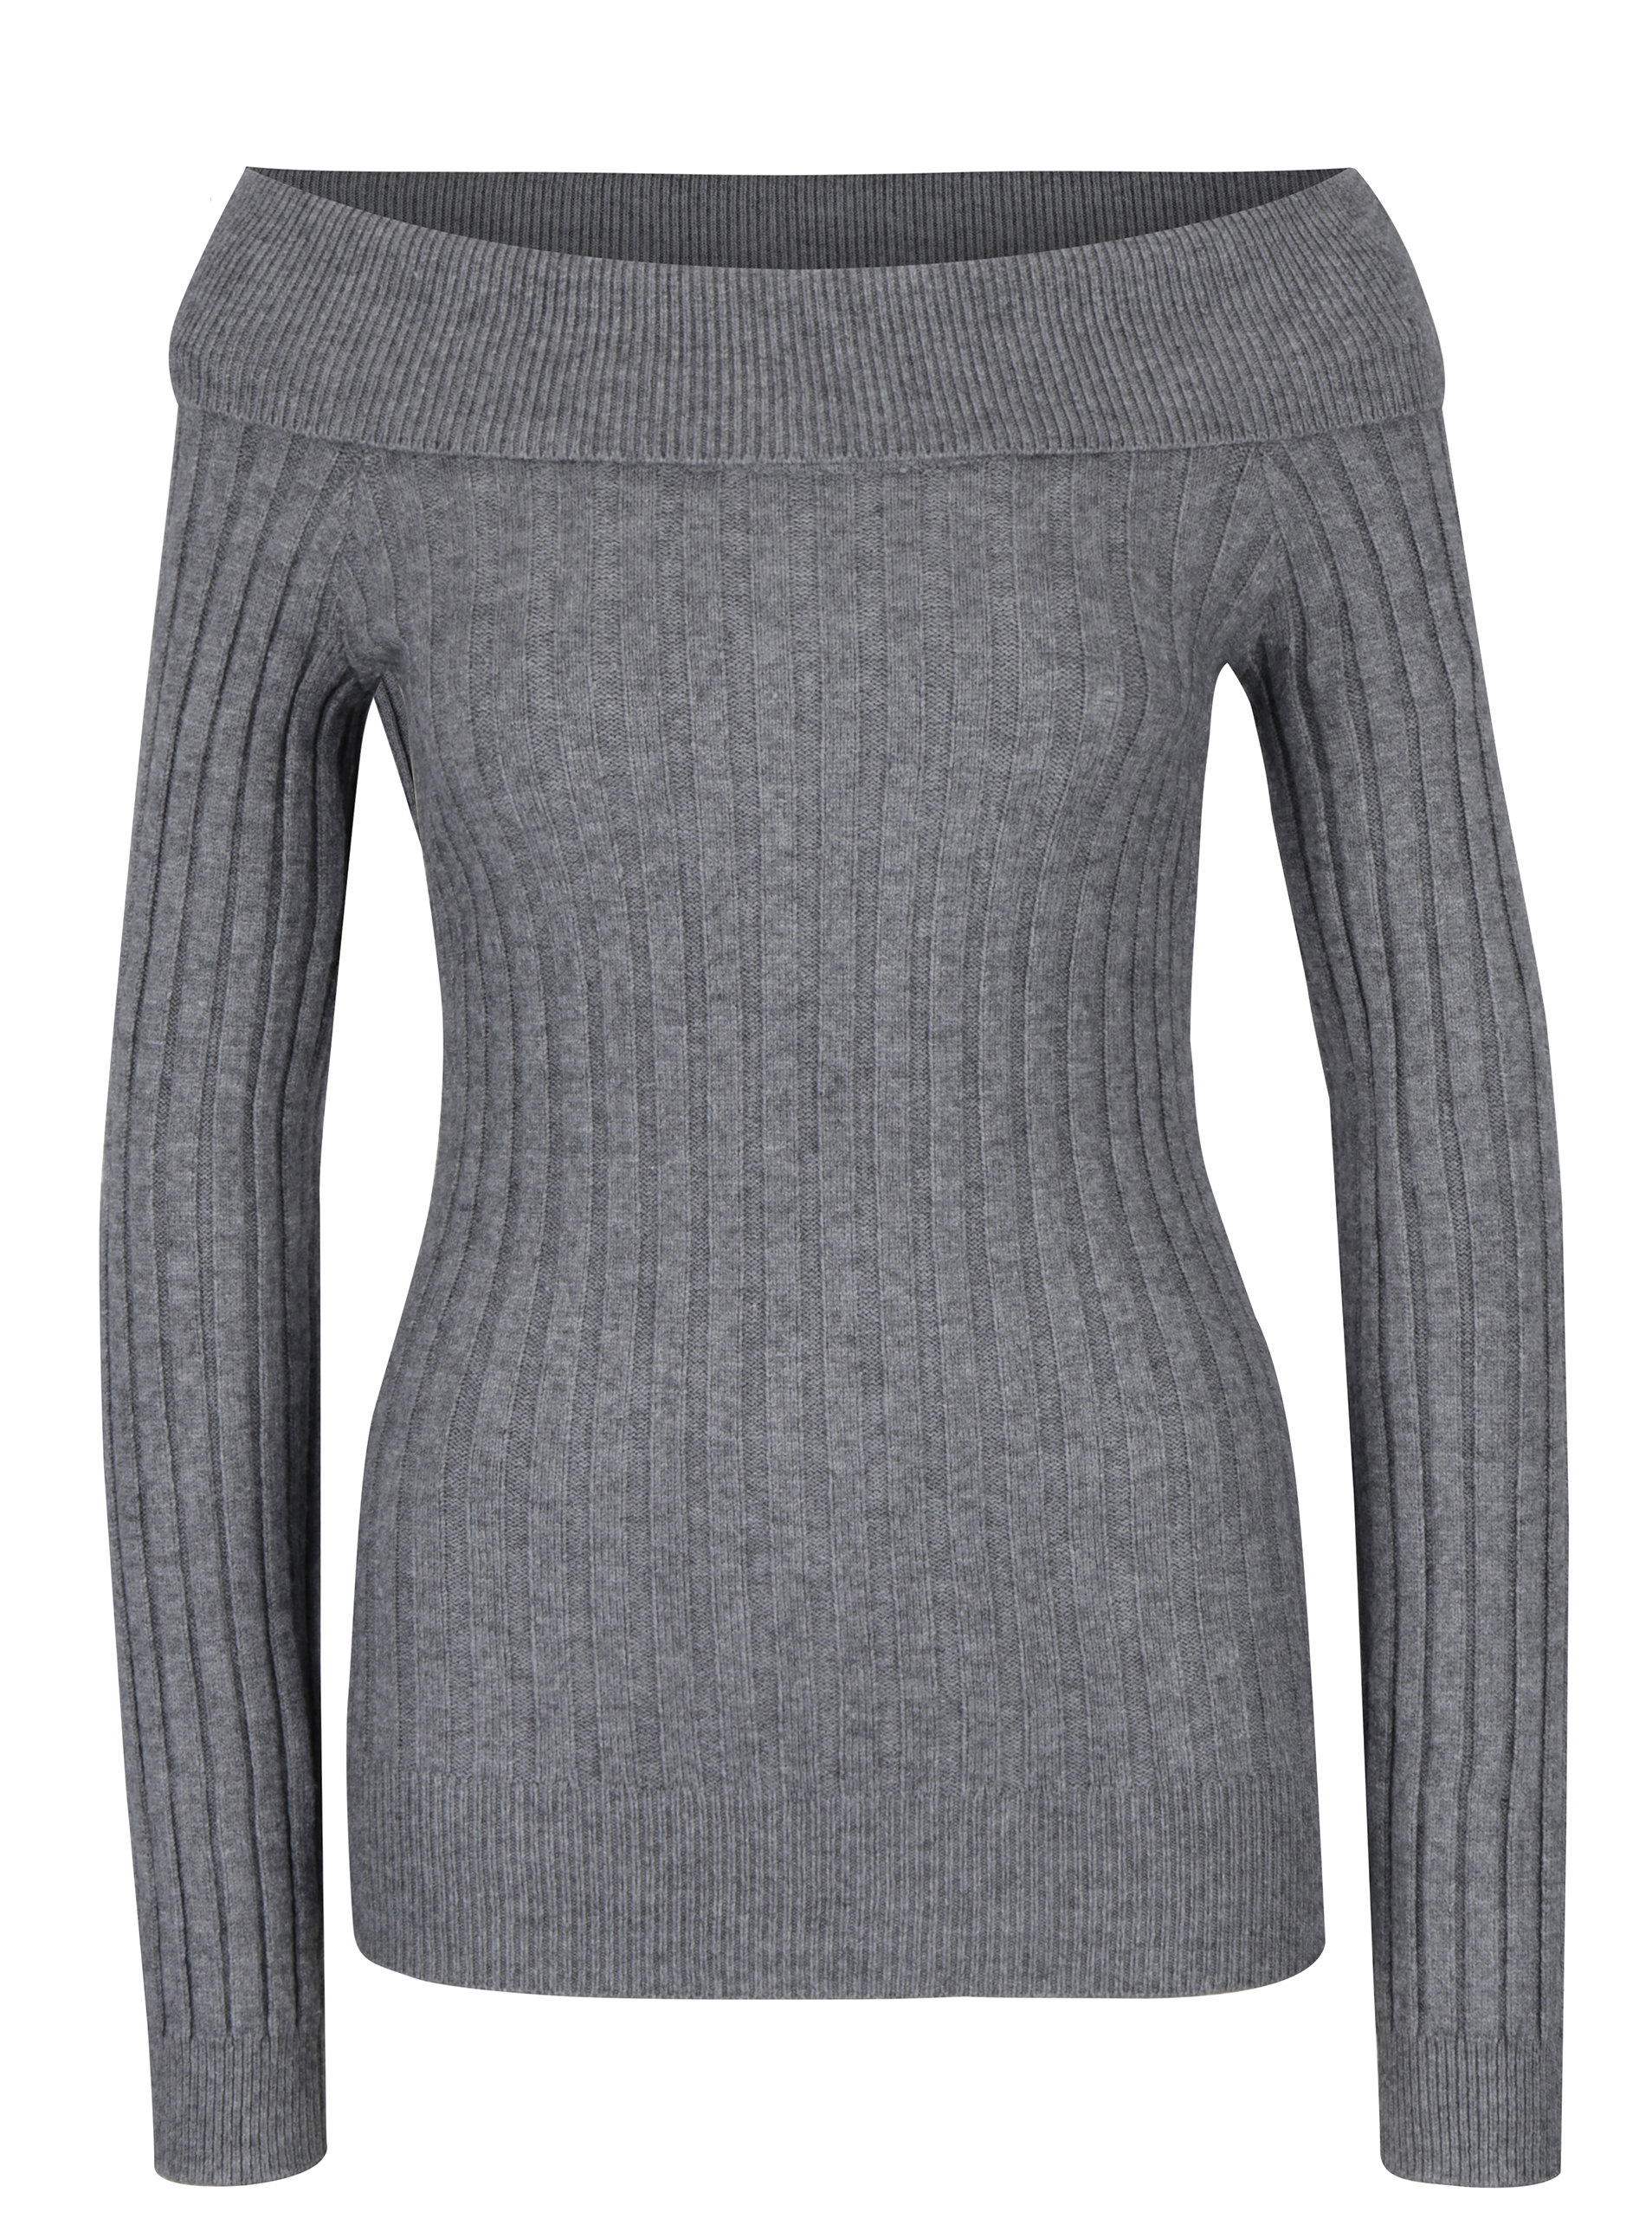 Šedý žebrovaný svetr s odhalenými rameny VERO MODA Ava ... bac2e76f1d